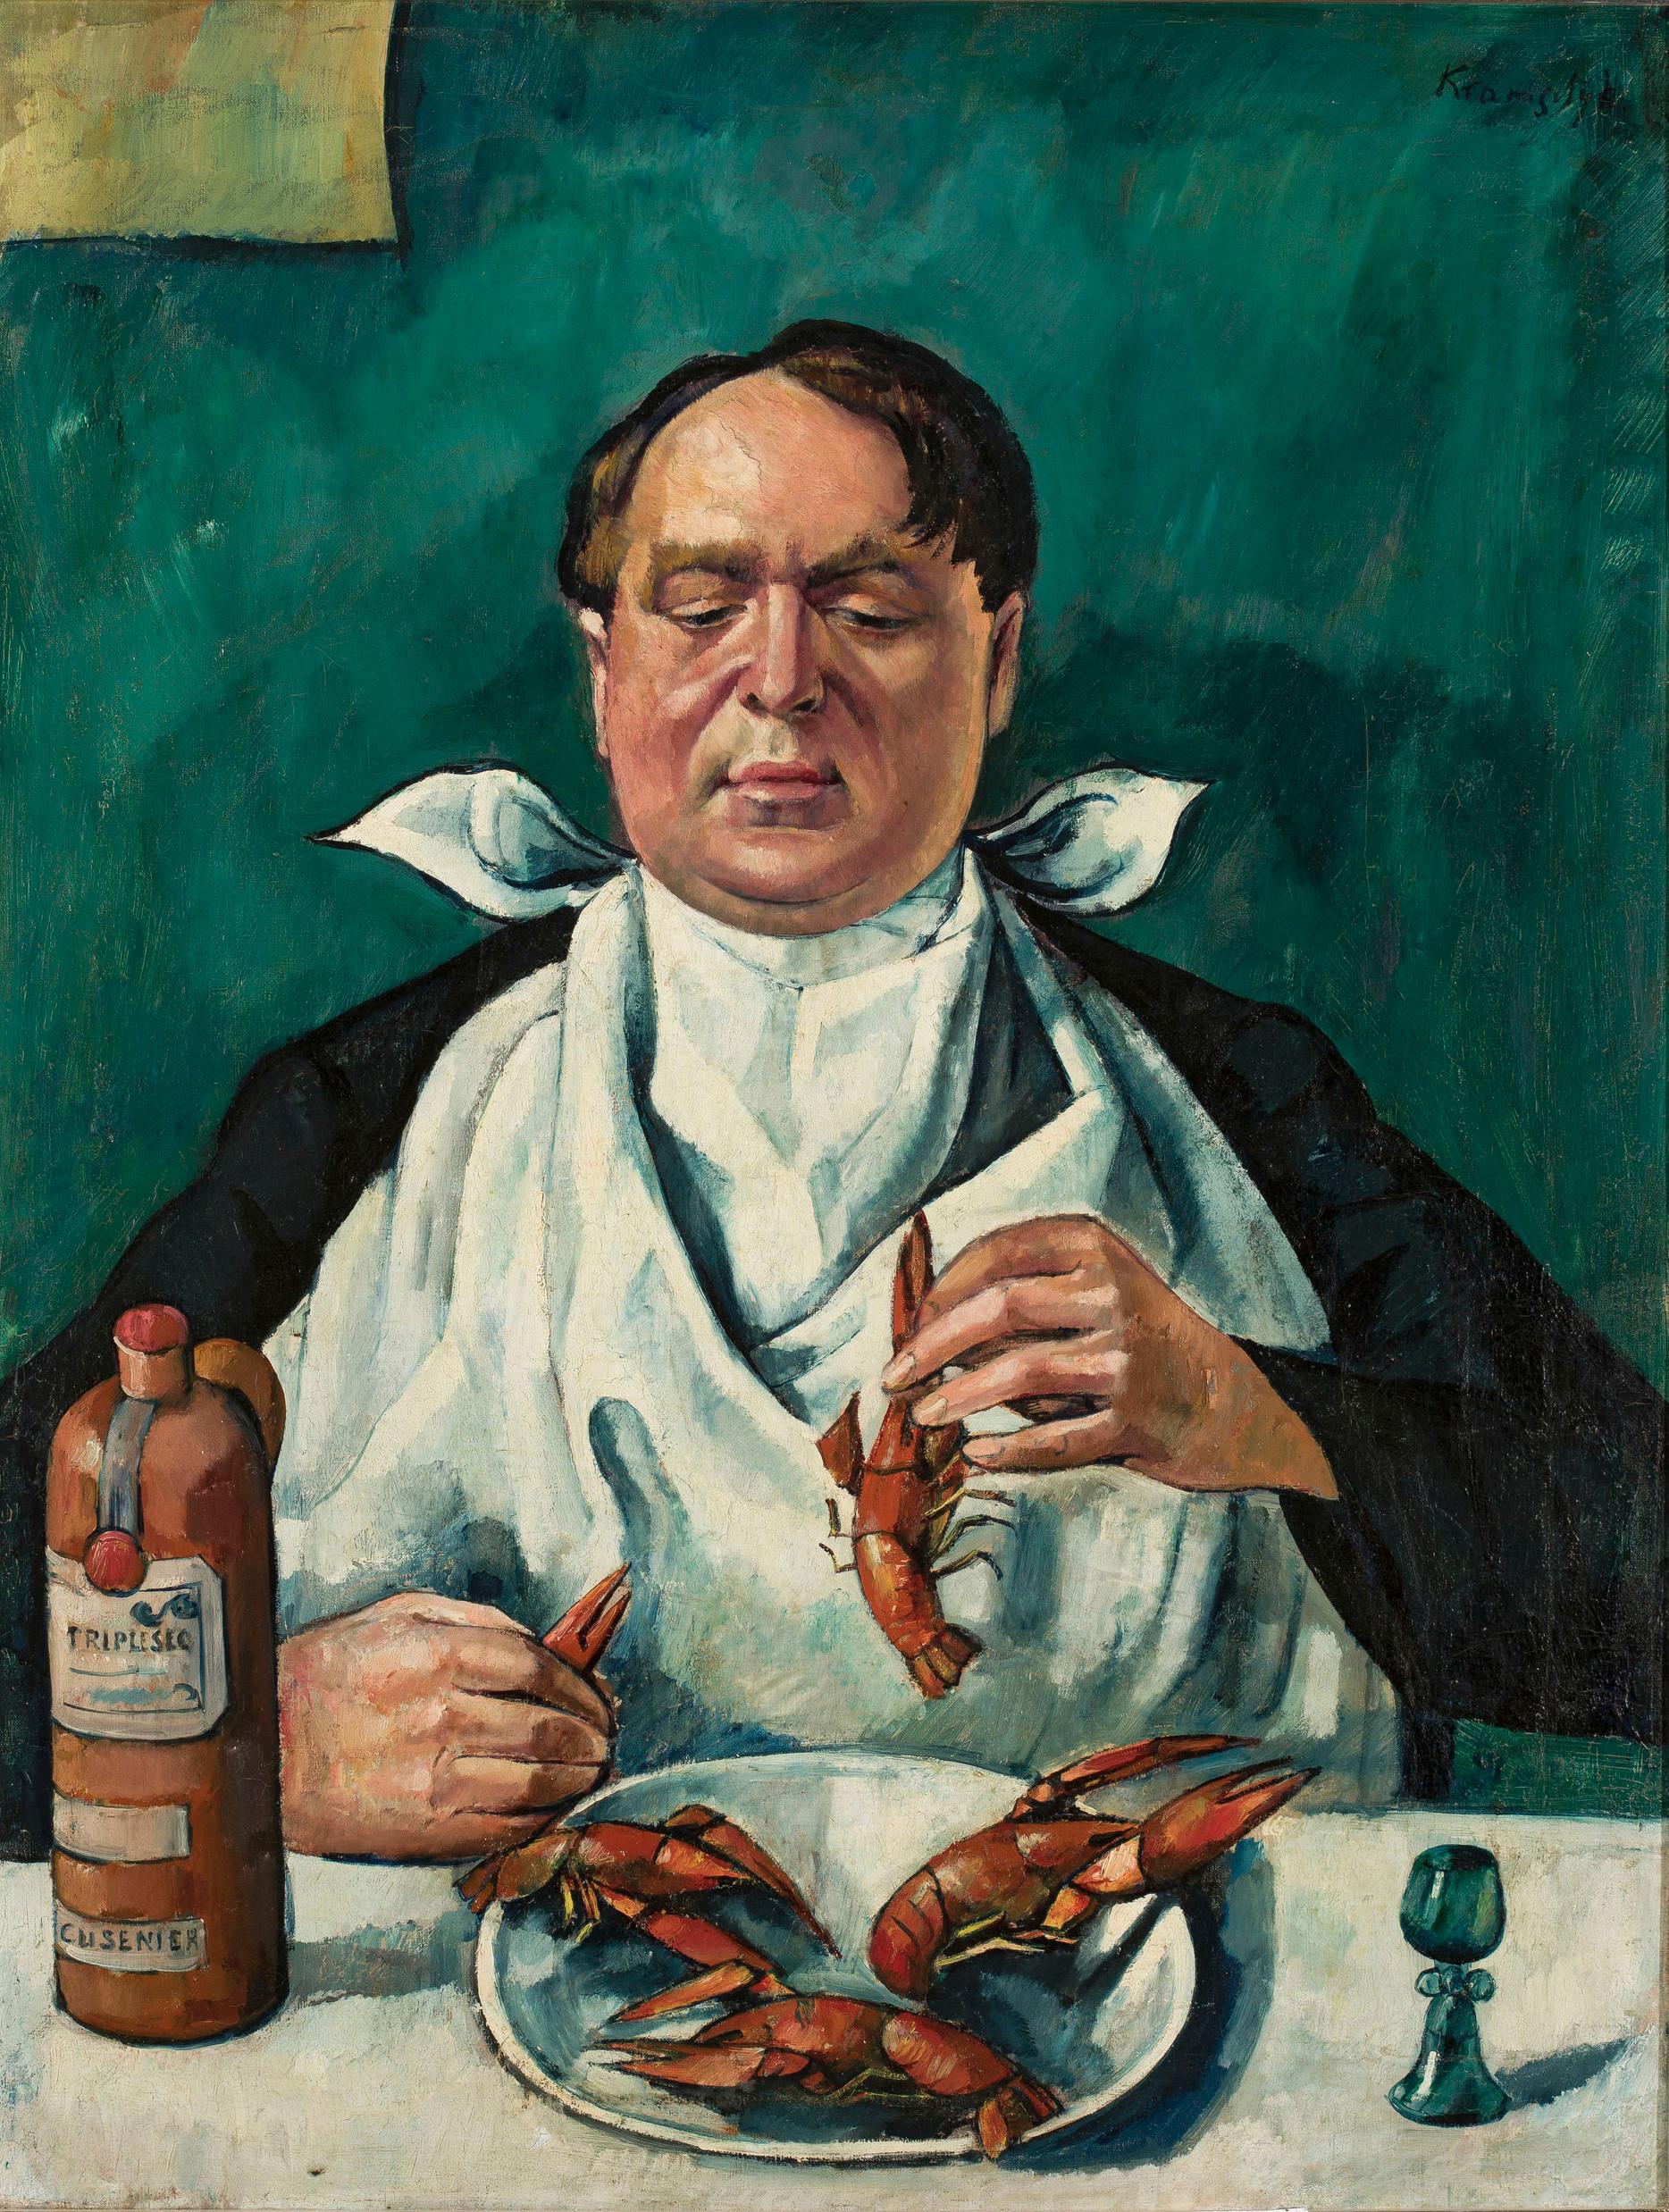 """Roman Kramsztyk (1885-1942) """"Mężczyzna jedzący raki (Portret Karola Szustra)"""", ok. 1919 rok, źródło: Muzeum Narodowe w Warszawie"""